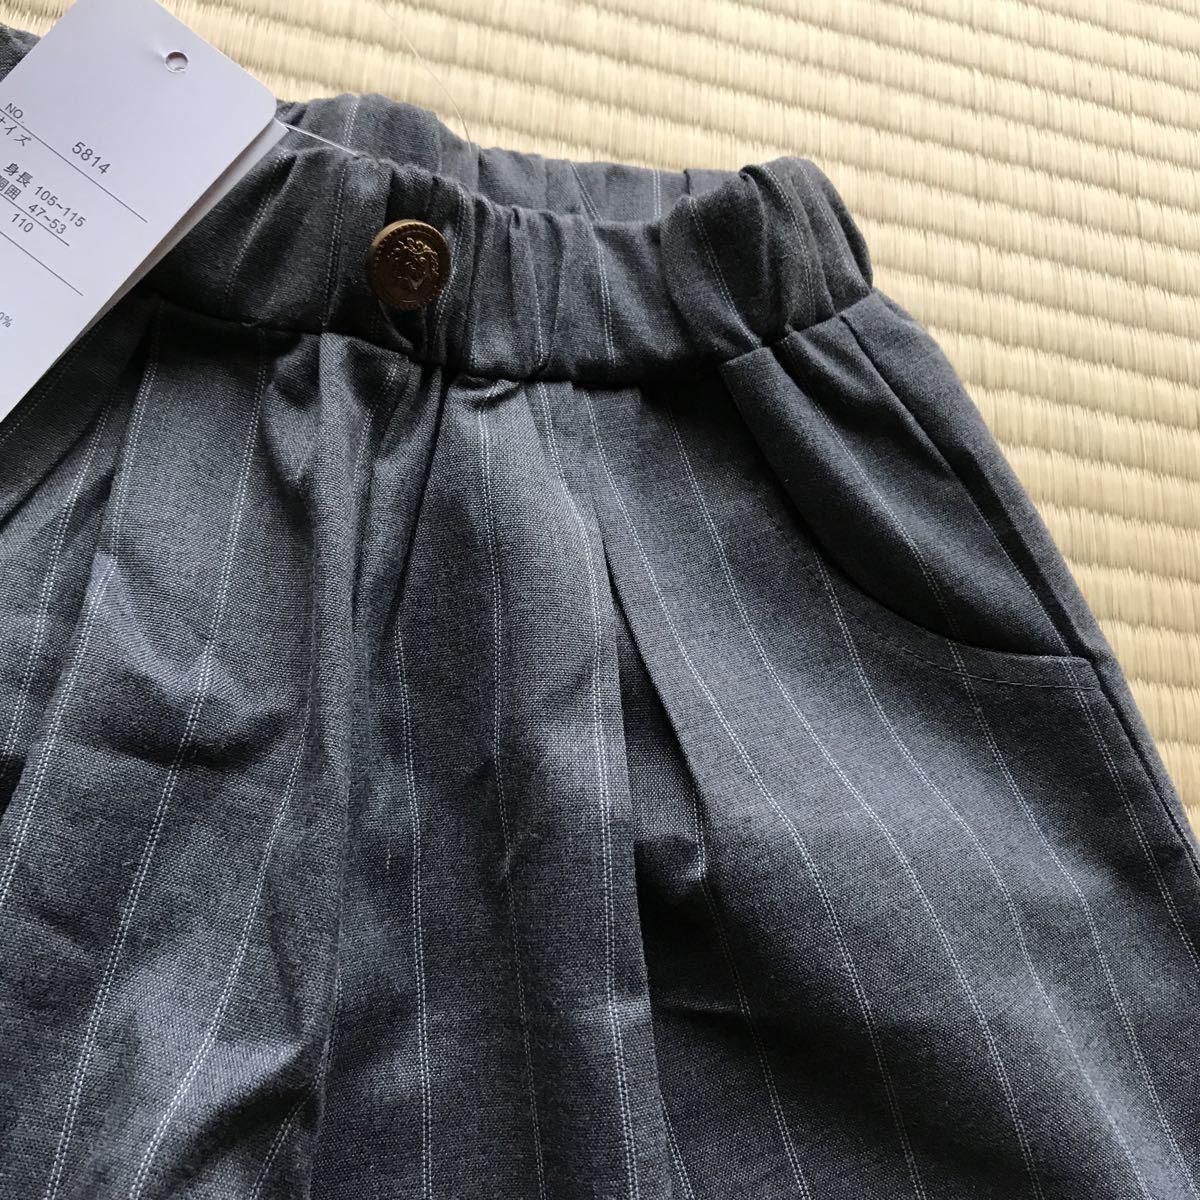 新品 110サイズ 美品 未使用品 ズボン パンツ ズボン ボトムス 短パン グレー 半ズボン ショートパンツ_画像1